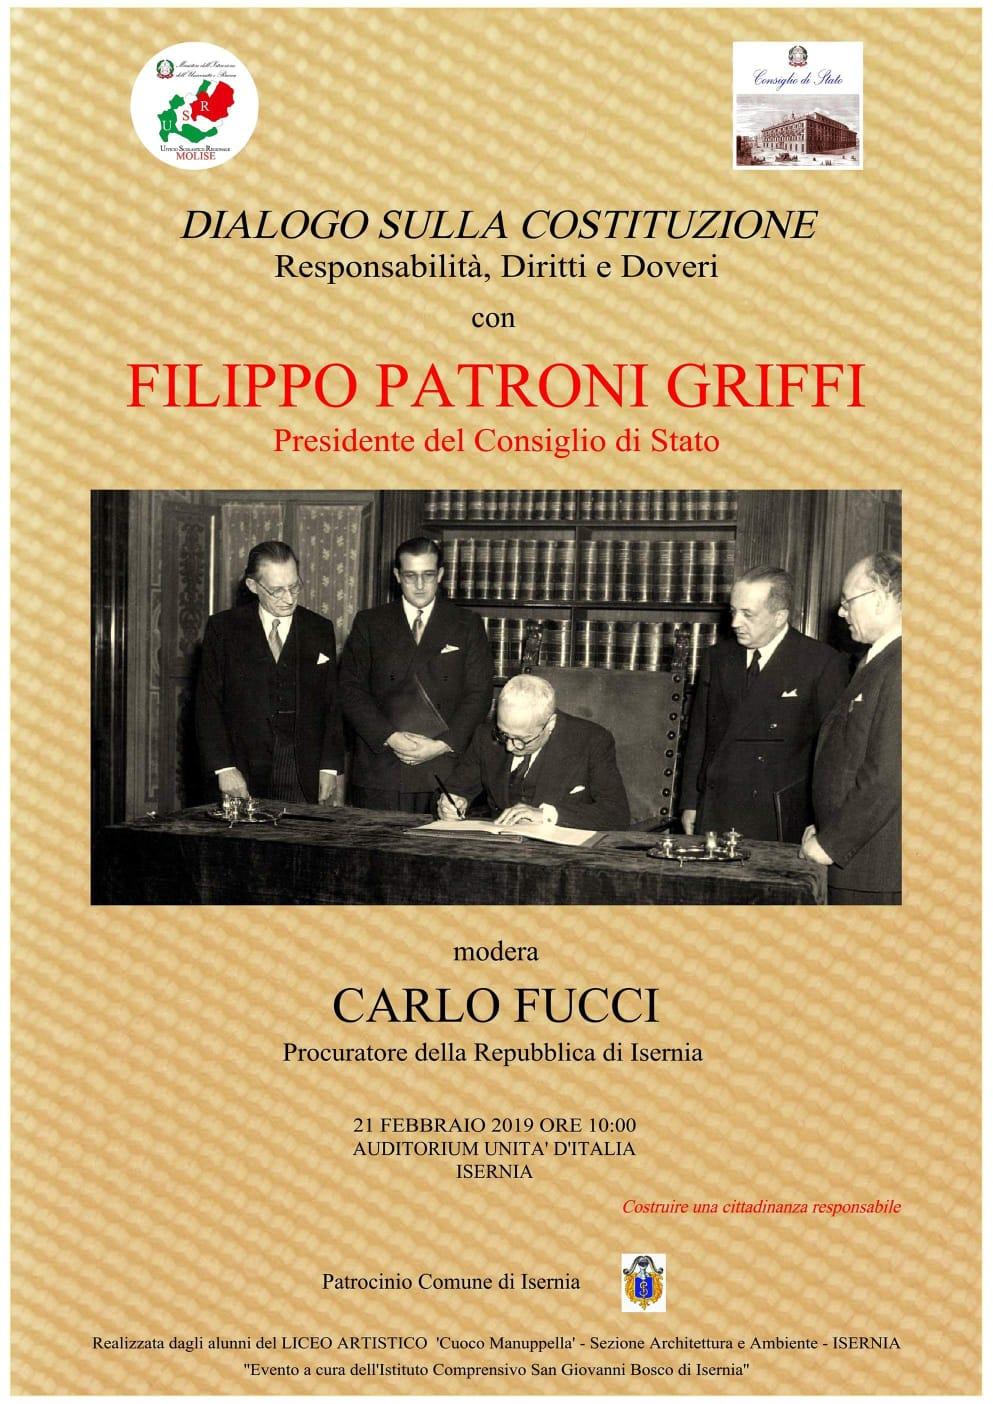 """Isernia: """"Dialogo sulla Costituzione , Responsabilità, Diritti e Doveri"""". Il 21 febbraio seminario all'Auditorium Unita' d'Italia promosso dall'Ufficio scolastico regionale."""